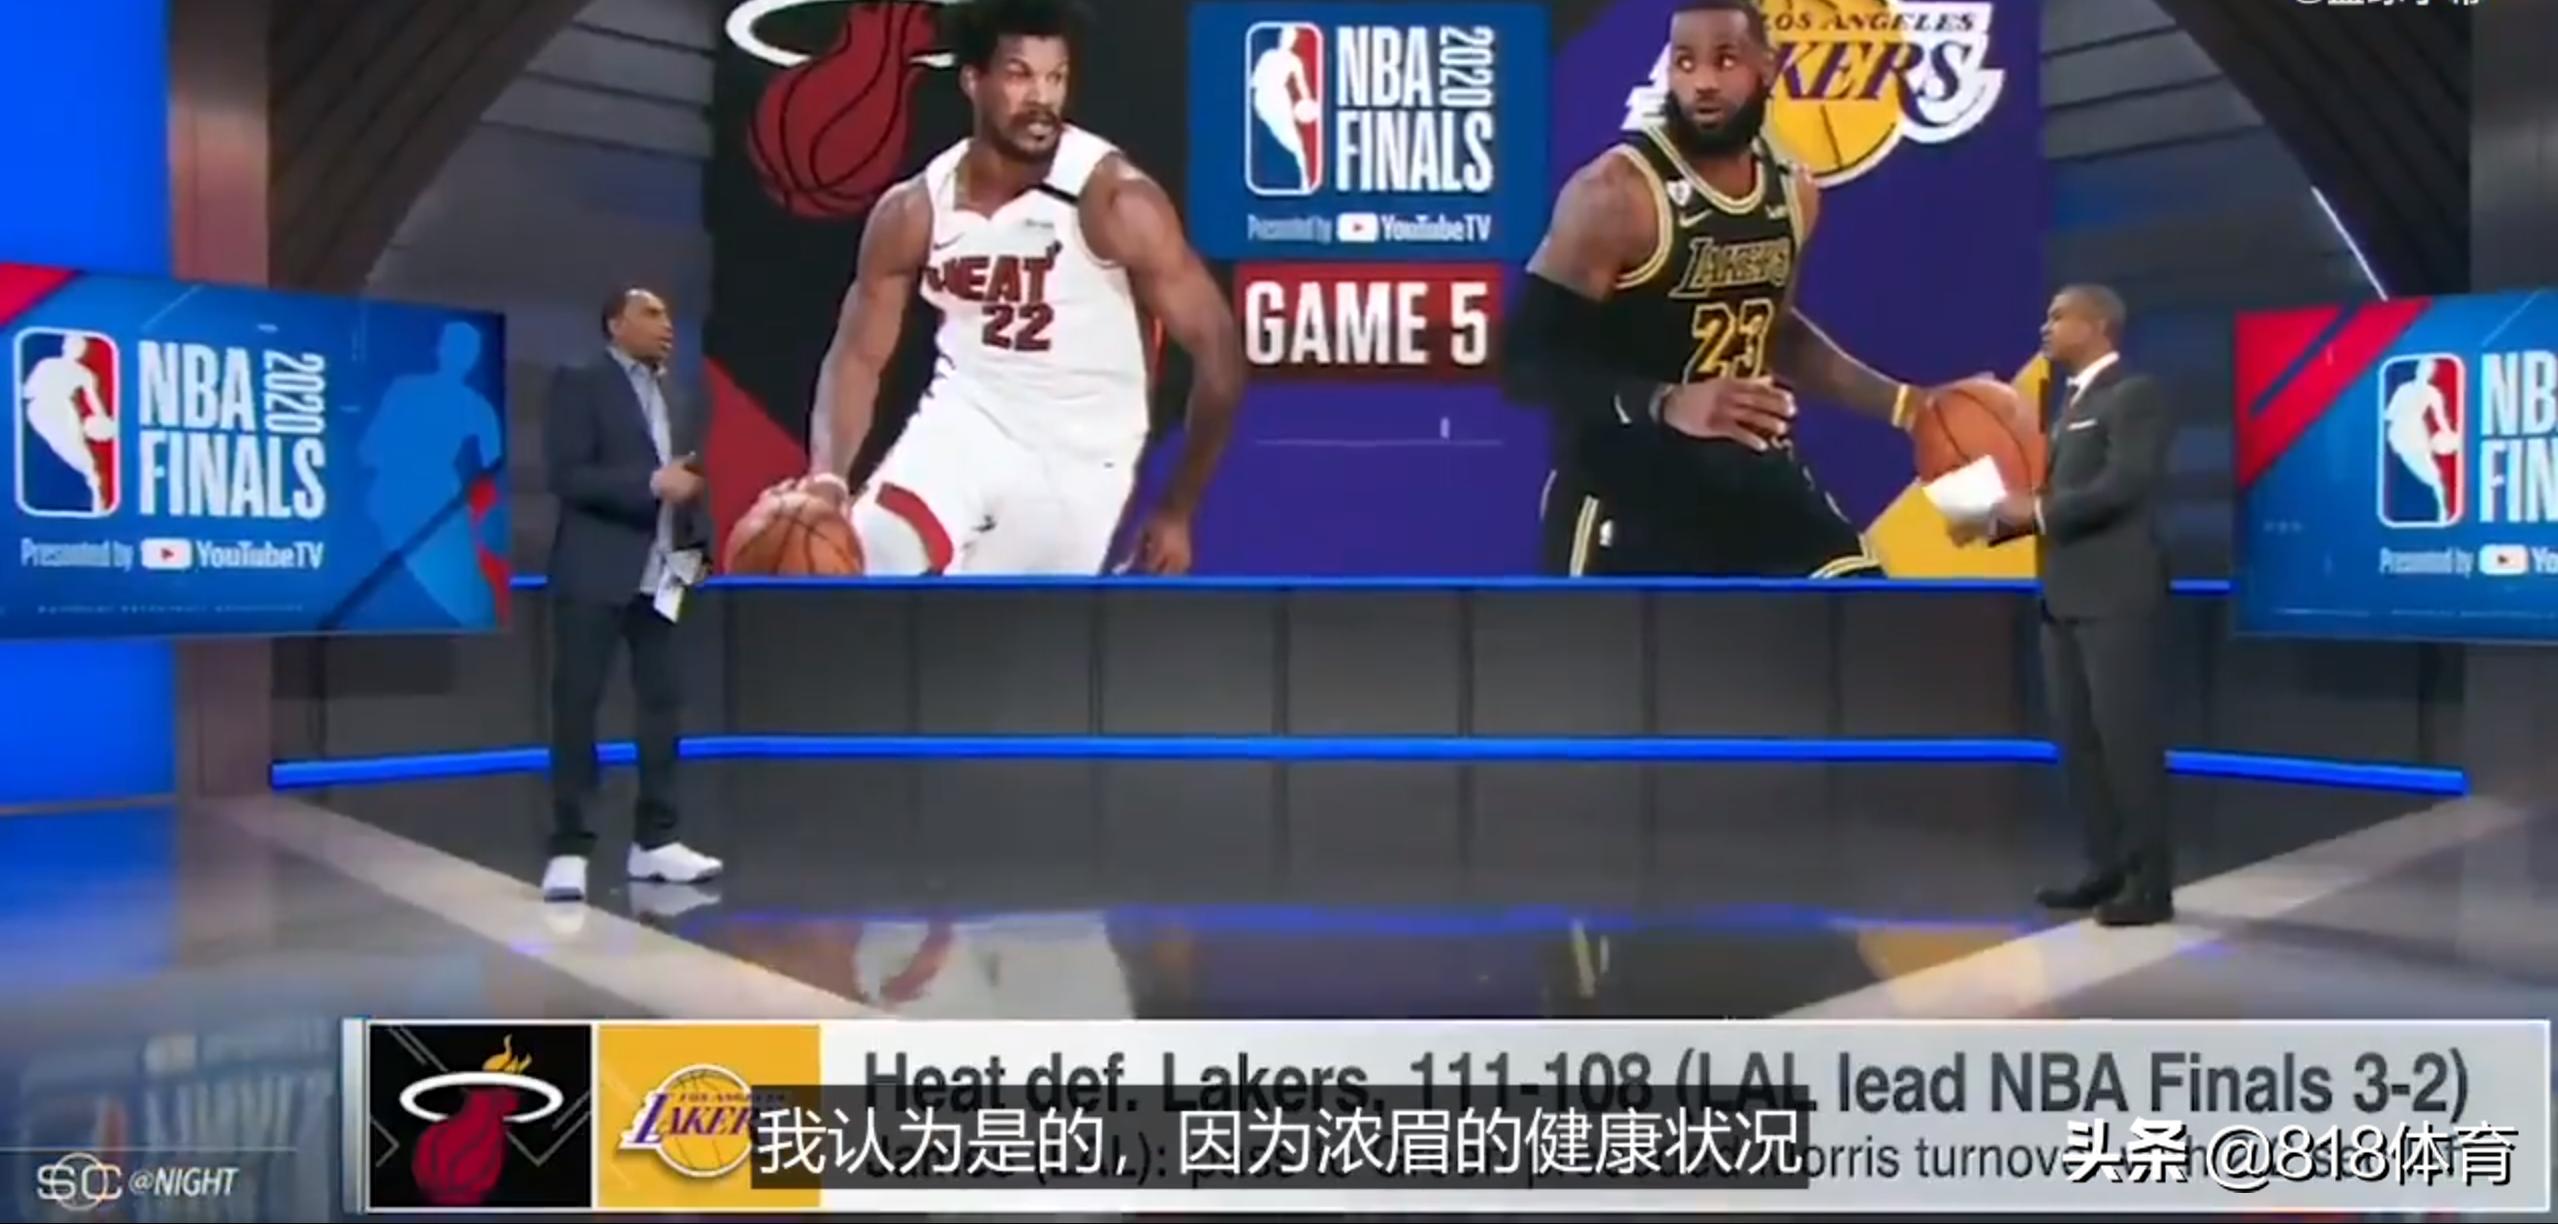 美国杨毅:格林一直打铁詹皇还把球给他?应该自己上或者给浓眉